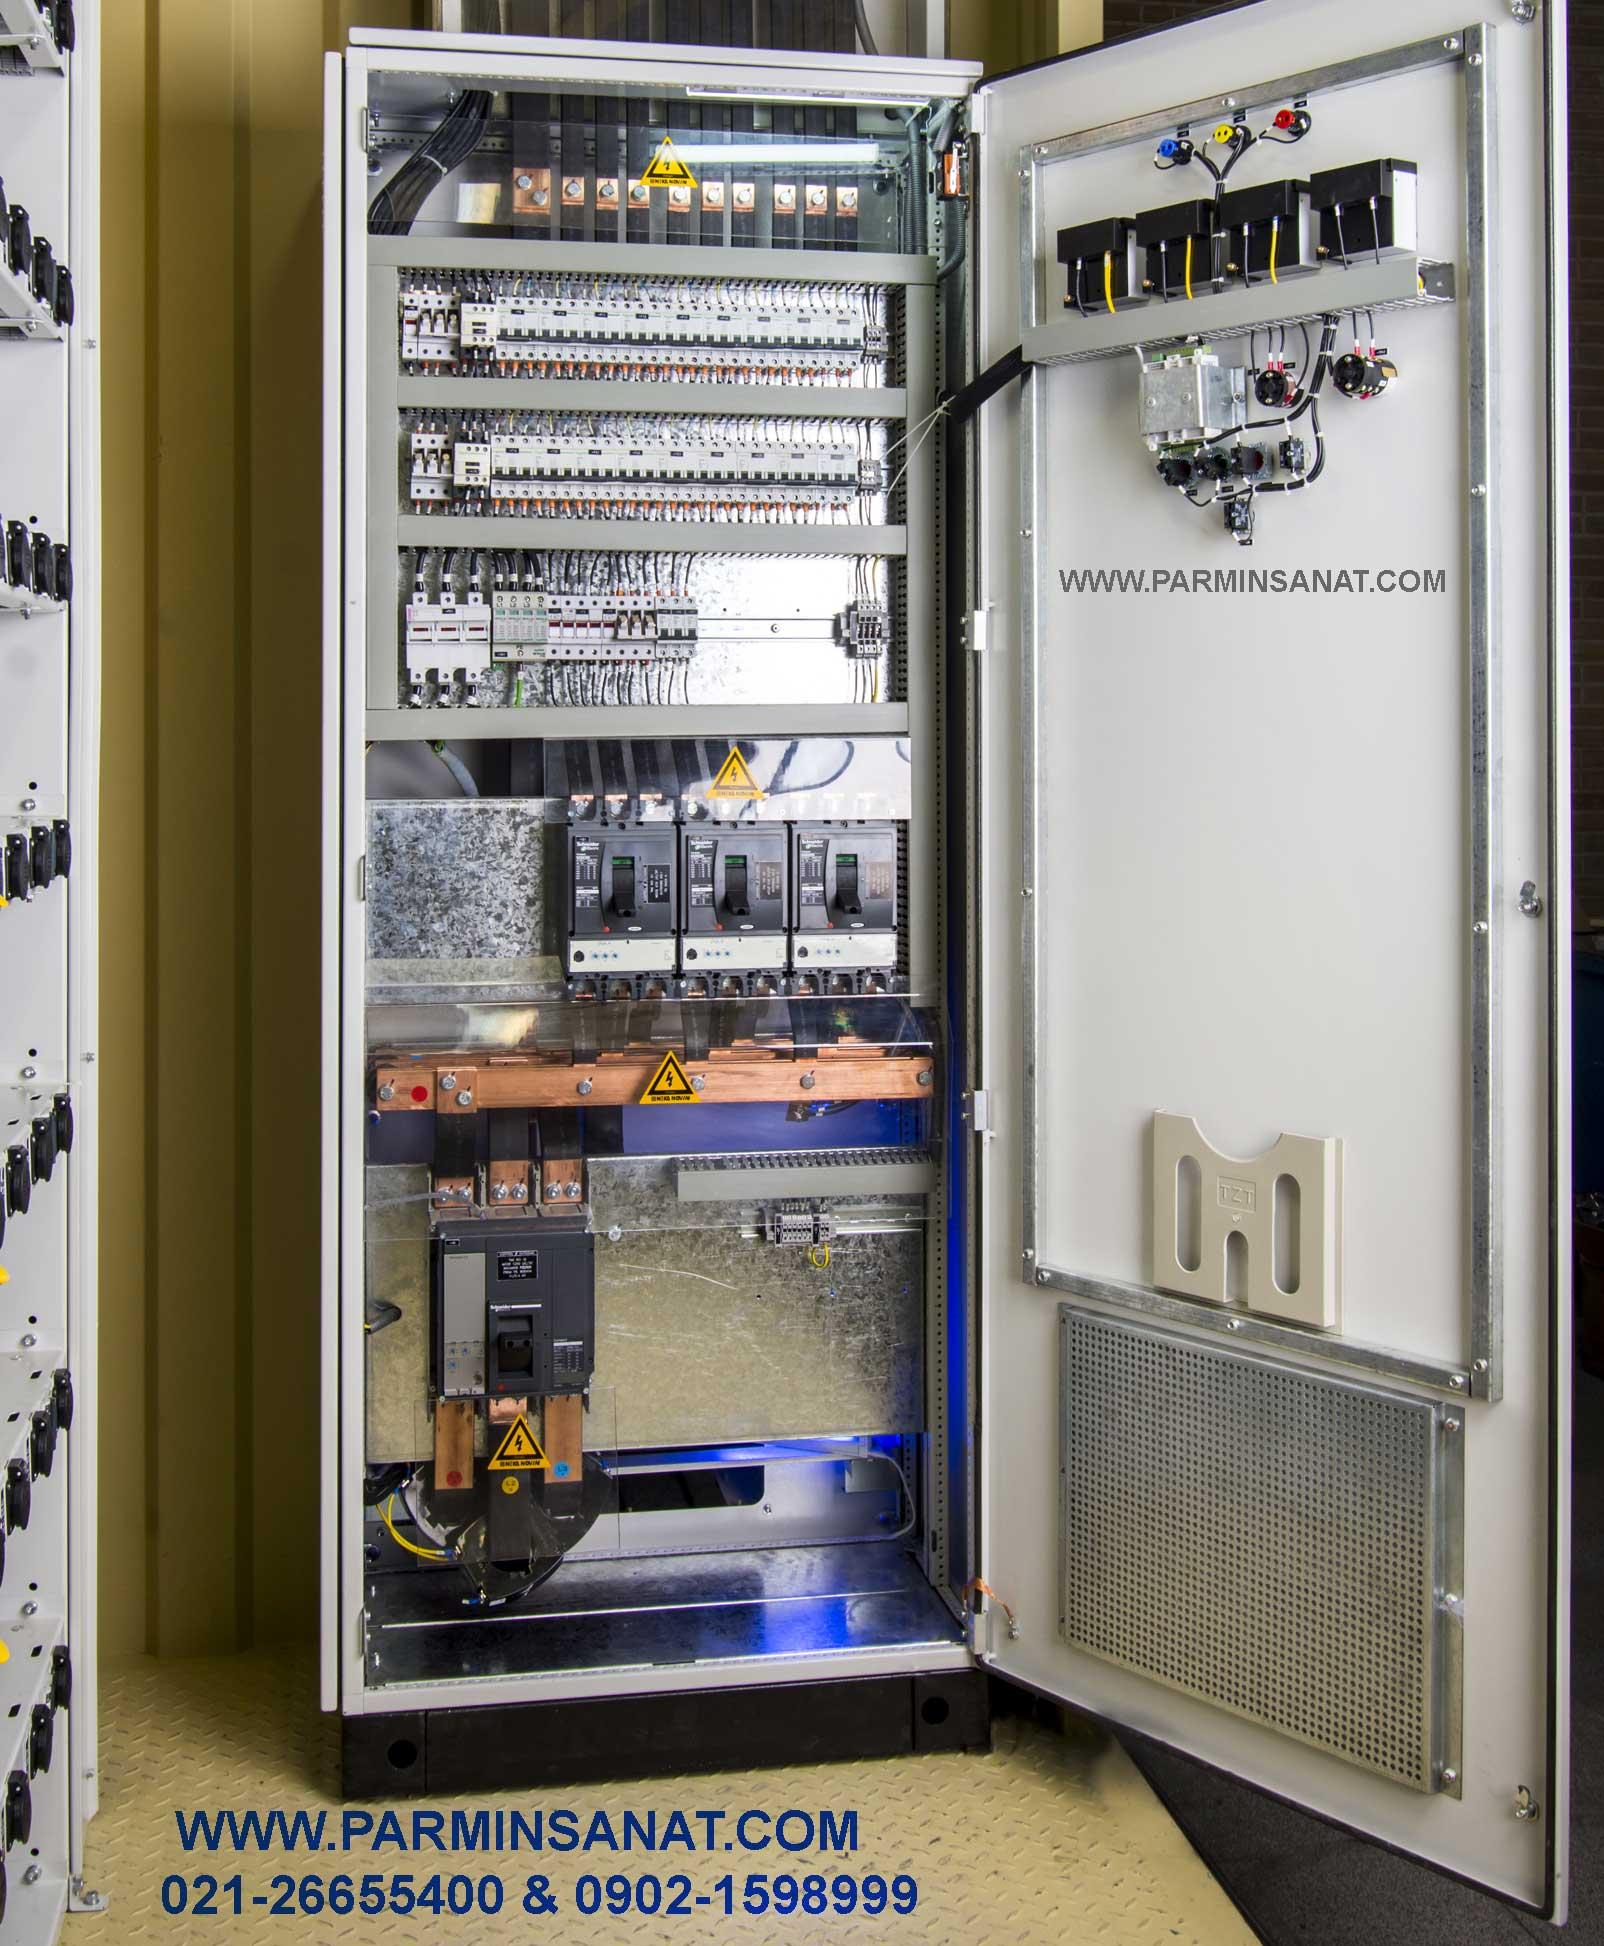 تابلوبرق ماینر با تجهیزات اشنایدر الکتریک فرانسه و سیستم باس داکت توزیع برق(جایگزین کابل)